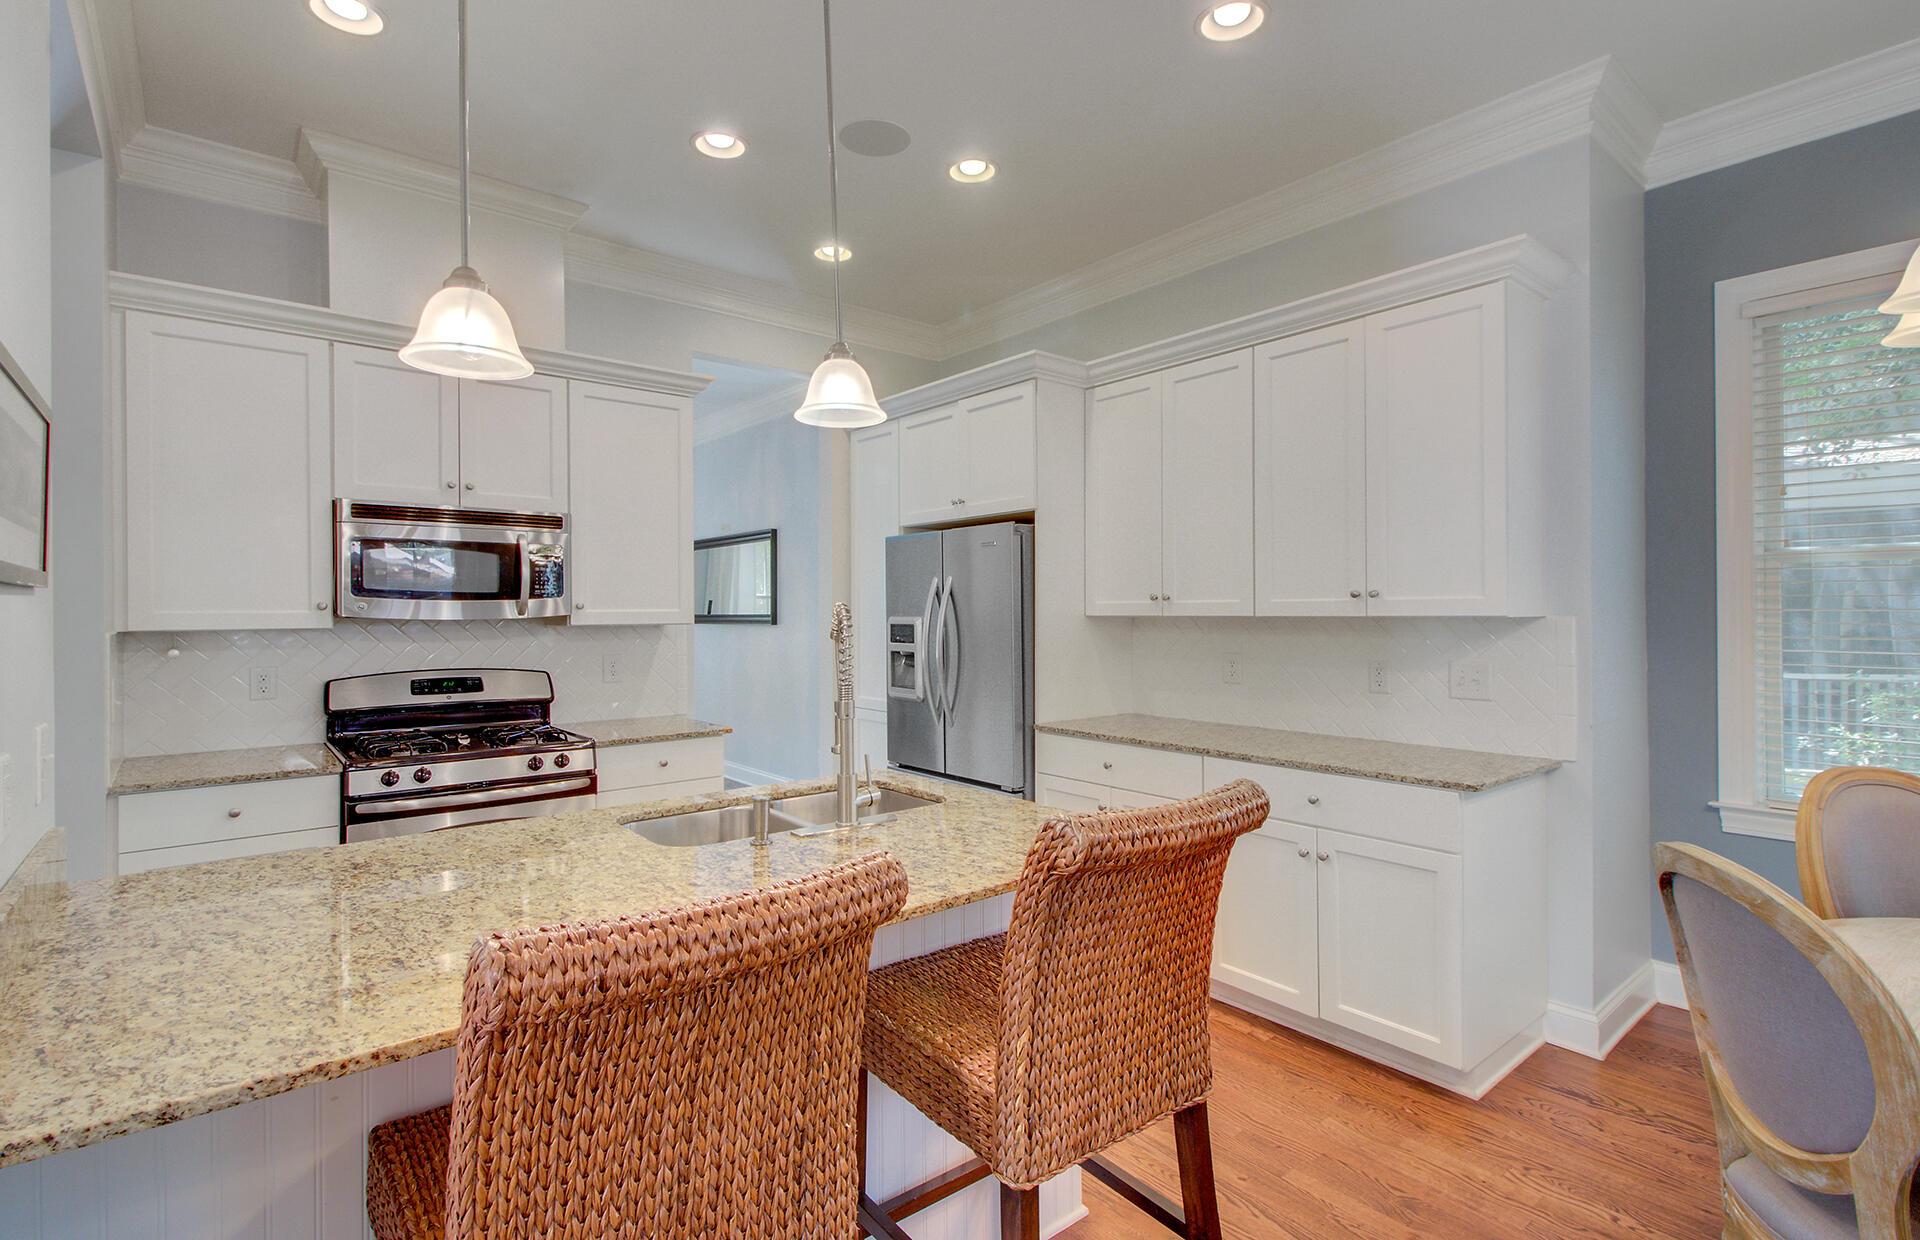 Phillips Park Homes For Sale - 1129 Phillips Park, Mount Pleasant, SC - 14